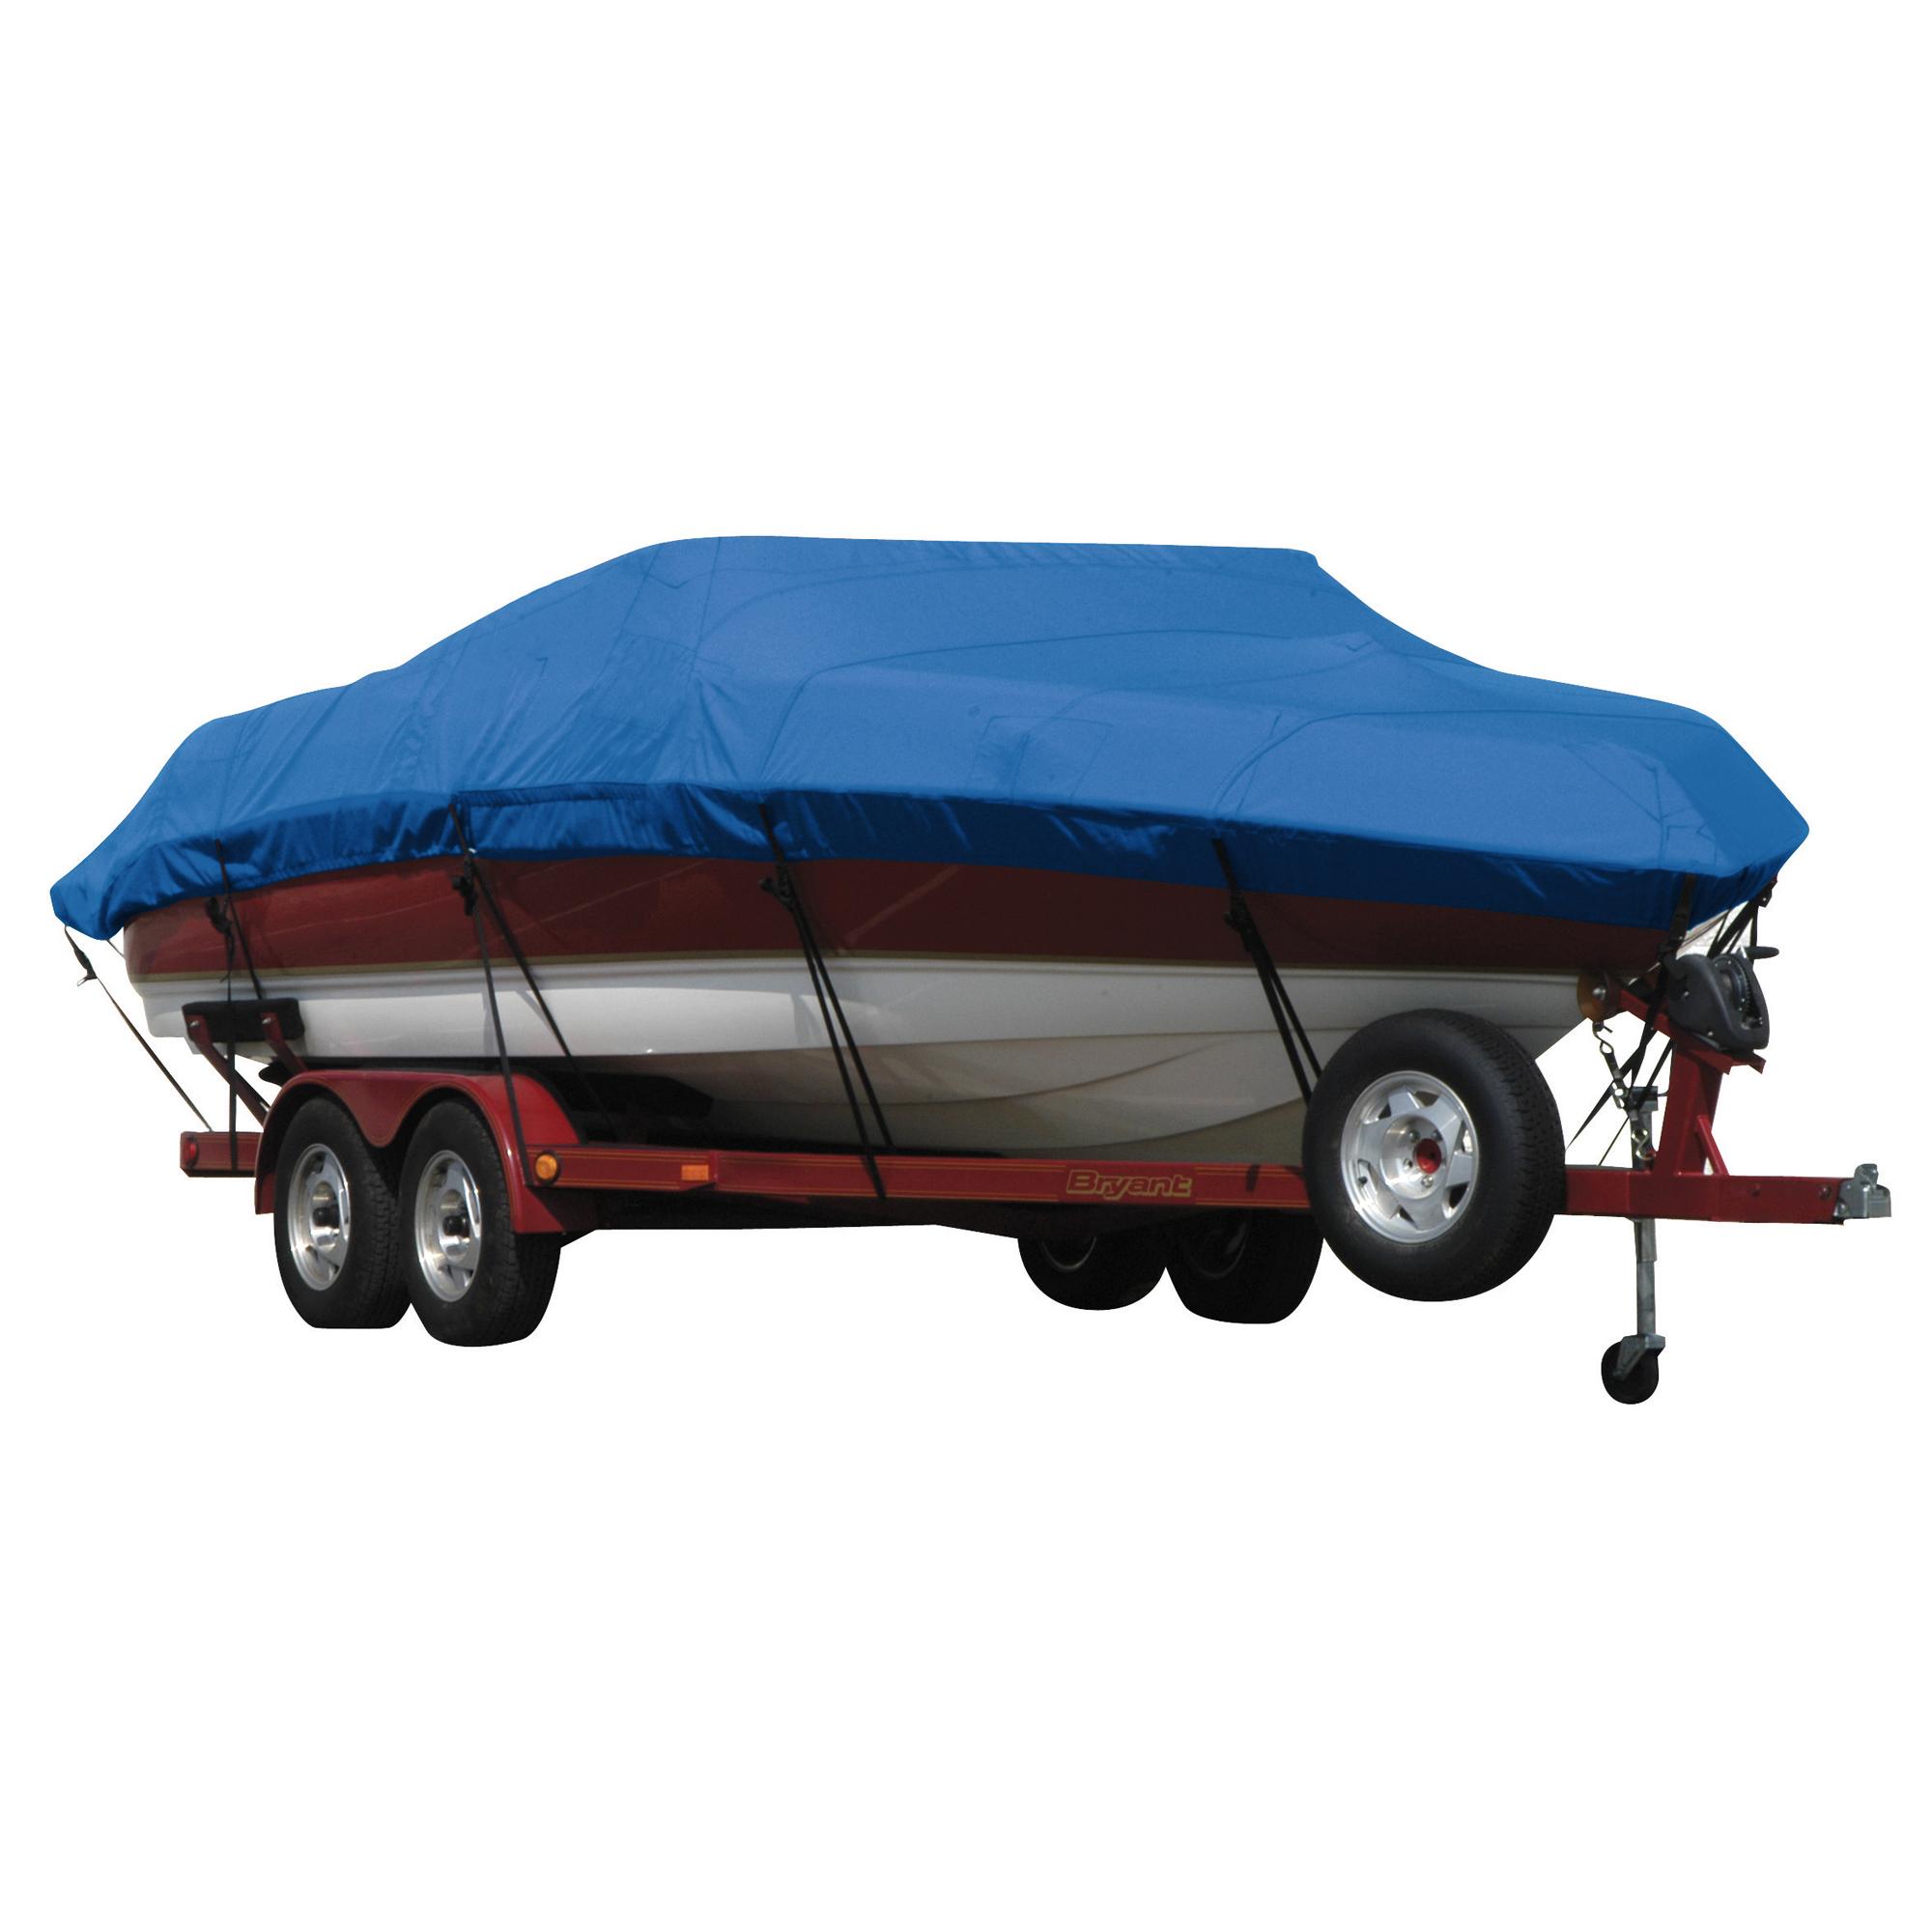 Exact Fit Covermate Sunbrella Boat Cover for Princecraft Super Pro 176 Super Pro 176 Fish N Promenade W/Ski Rope Guard O/B. Pacific Blue